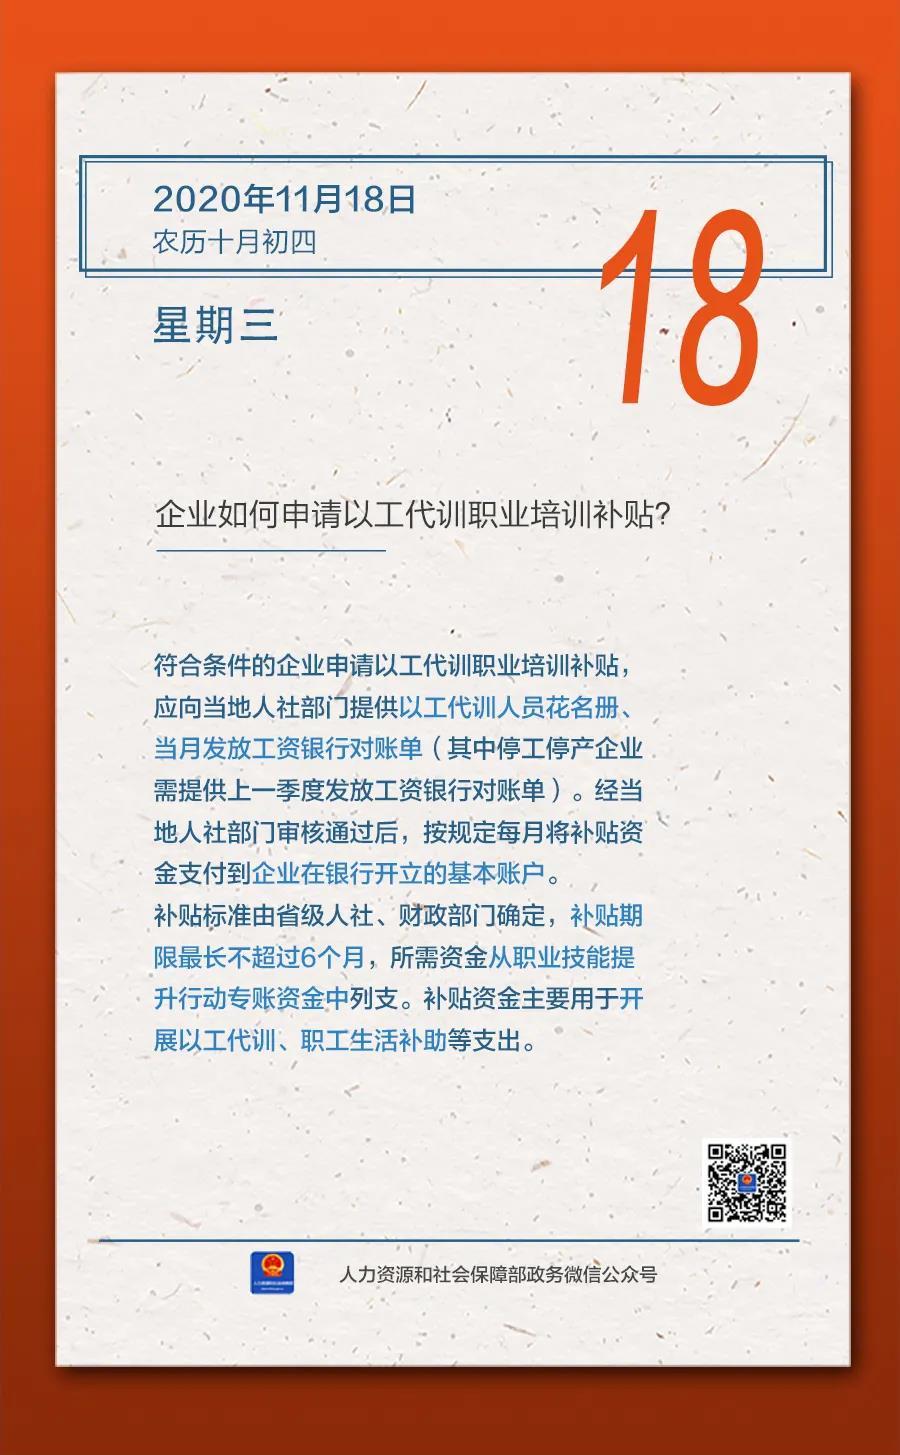 微信图片_20201119171546.jpg